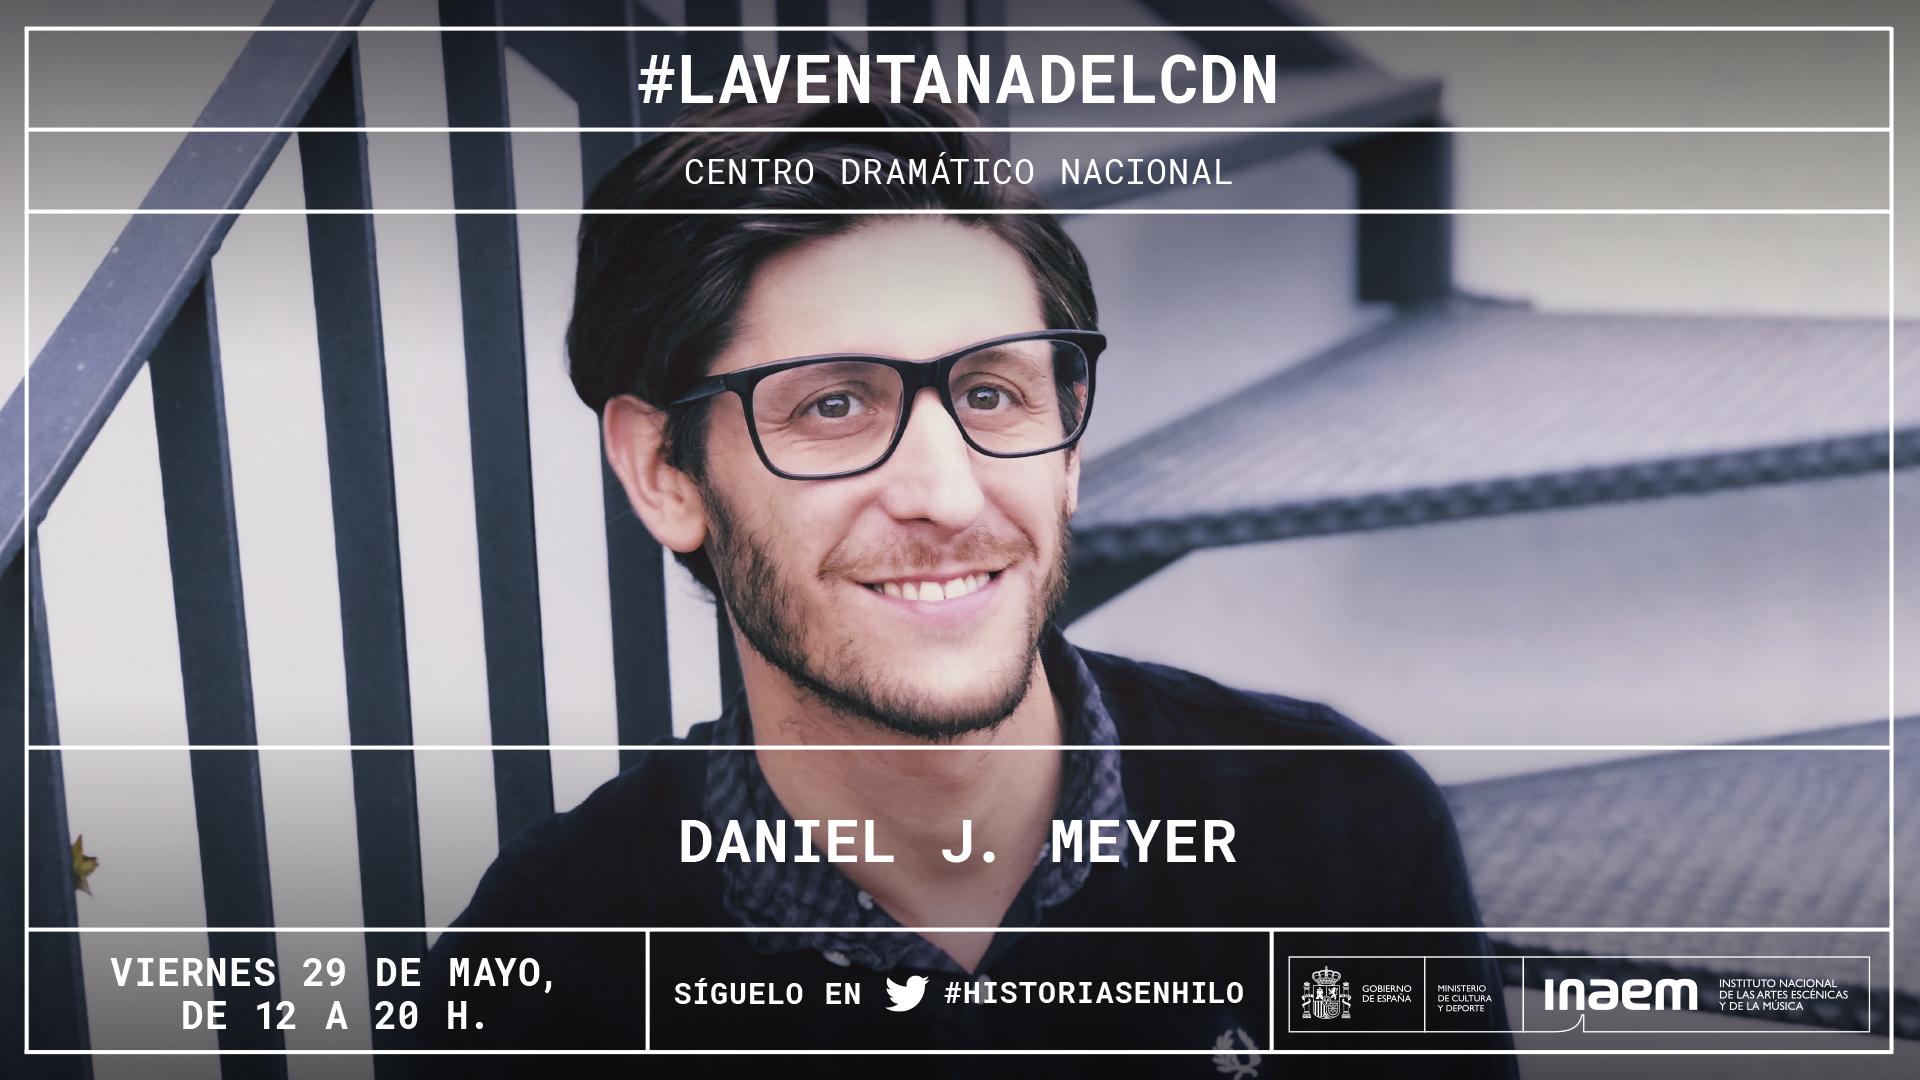 Sigue el hilo de Daniel J. Meyer en nuestro Twitter